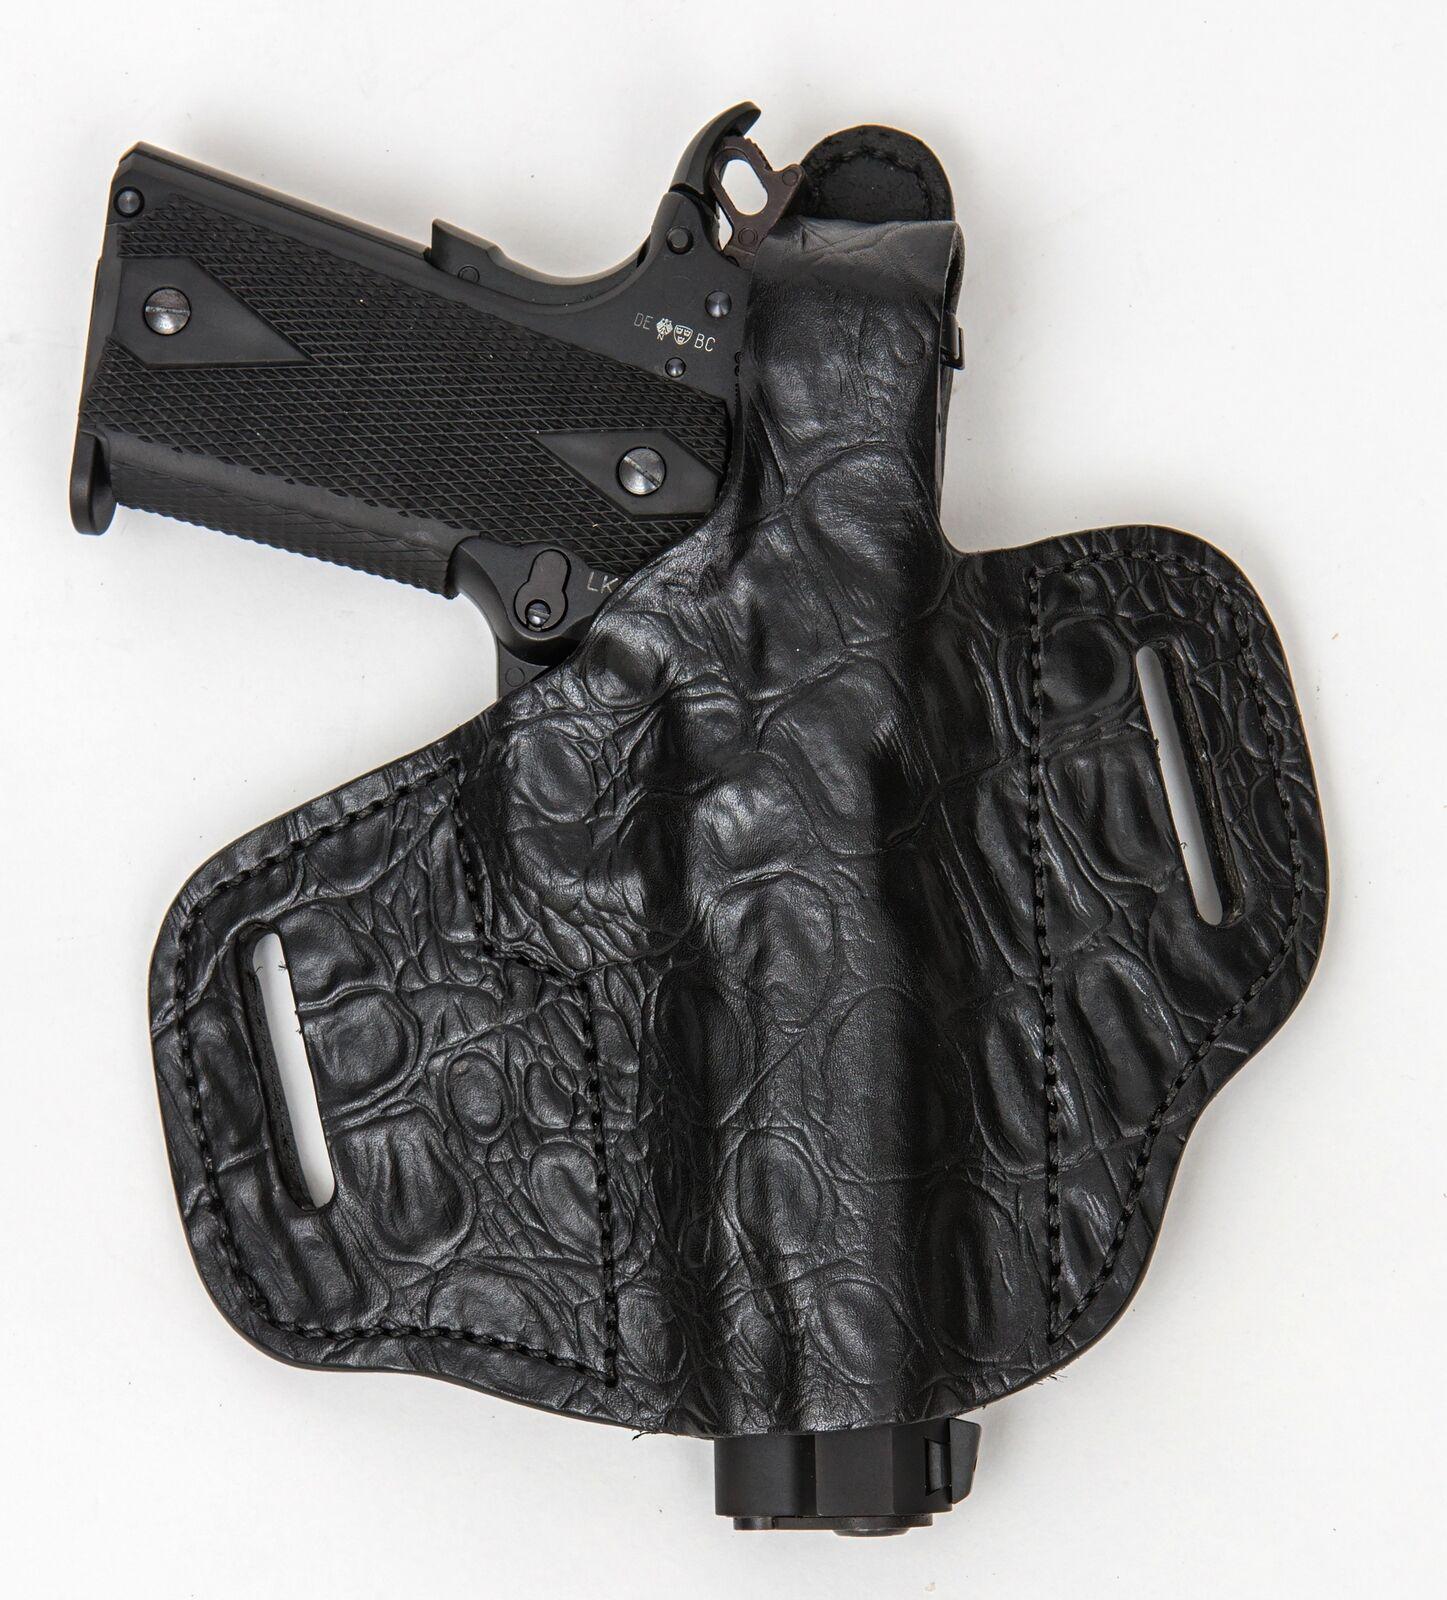 On Duty Conceal RH LH OWB Leder Gun Holster For Kel Tec P3AT w/ Ct Laserguard